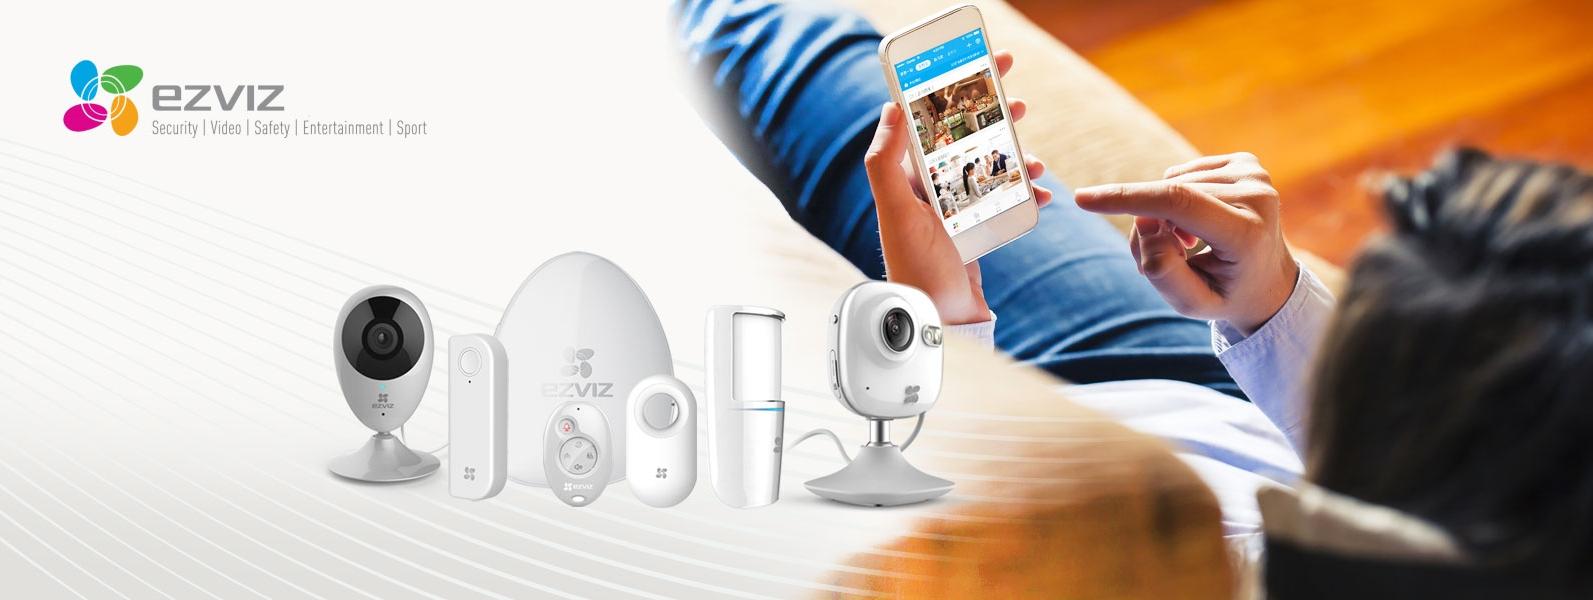 Bán sản phẩm Ezivz chính hãng giá tốt tại camera-z.com